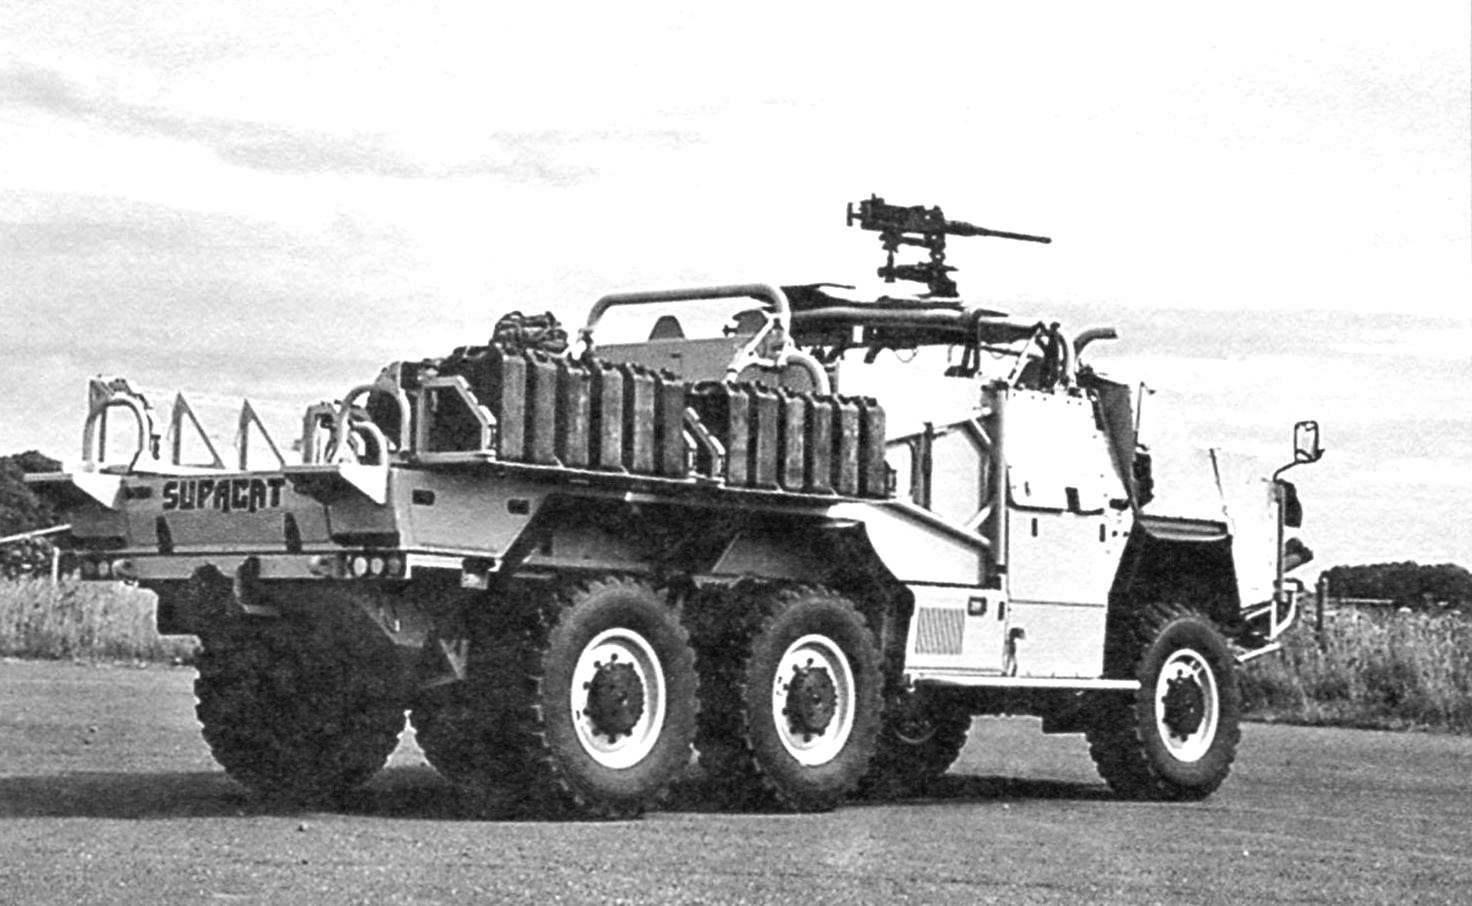 Испытания броневика на австралийских равнинах перед заключением контракта на их поставку в армию Австралии, 2009 г.